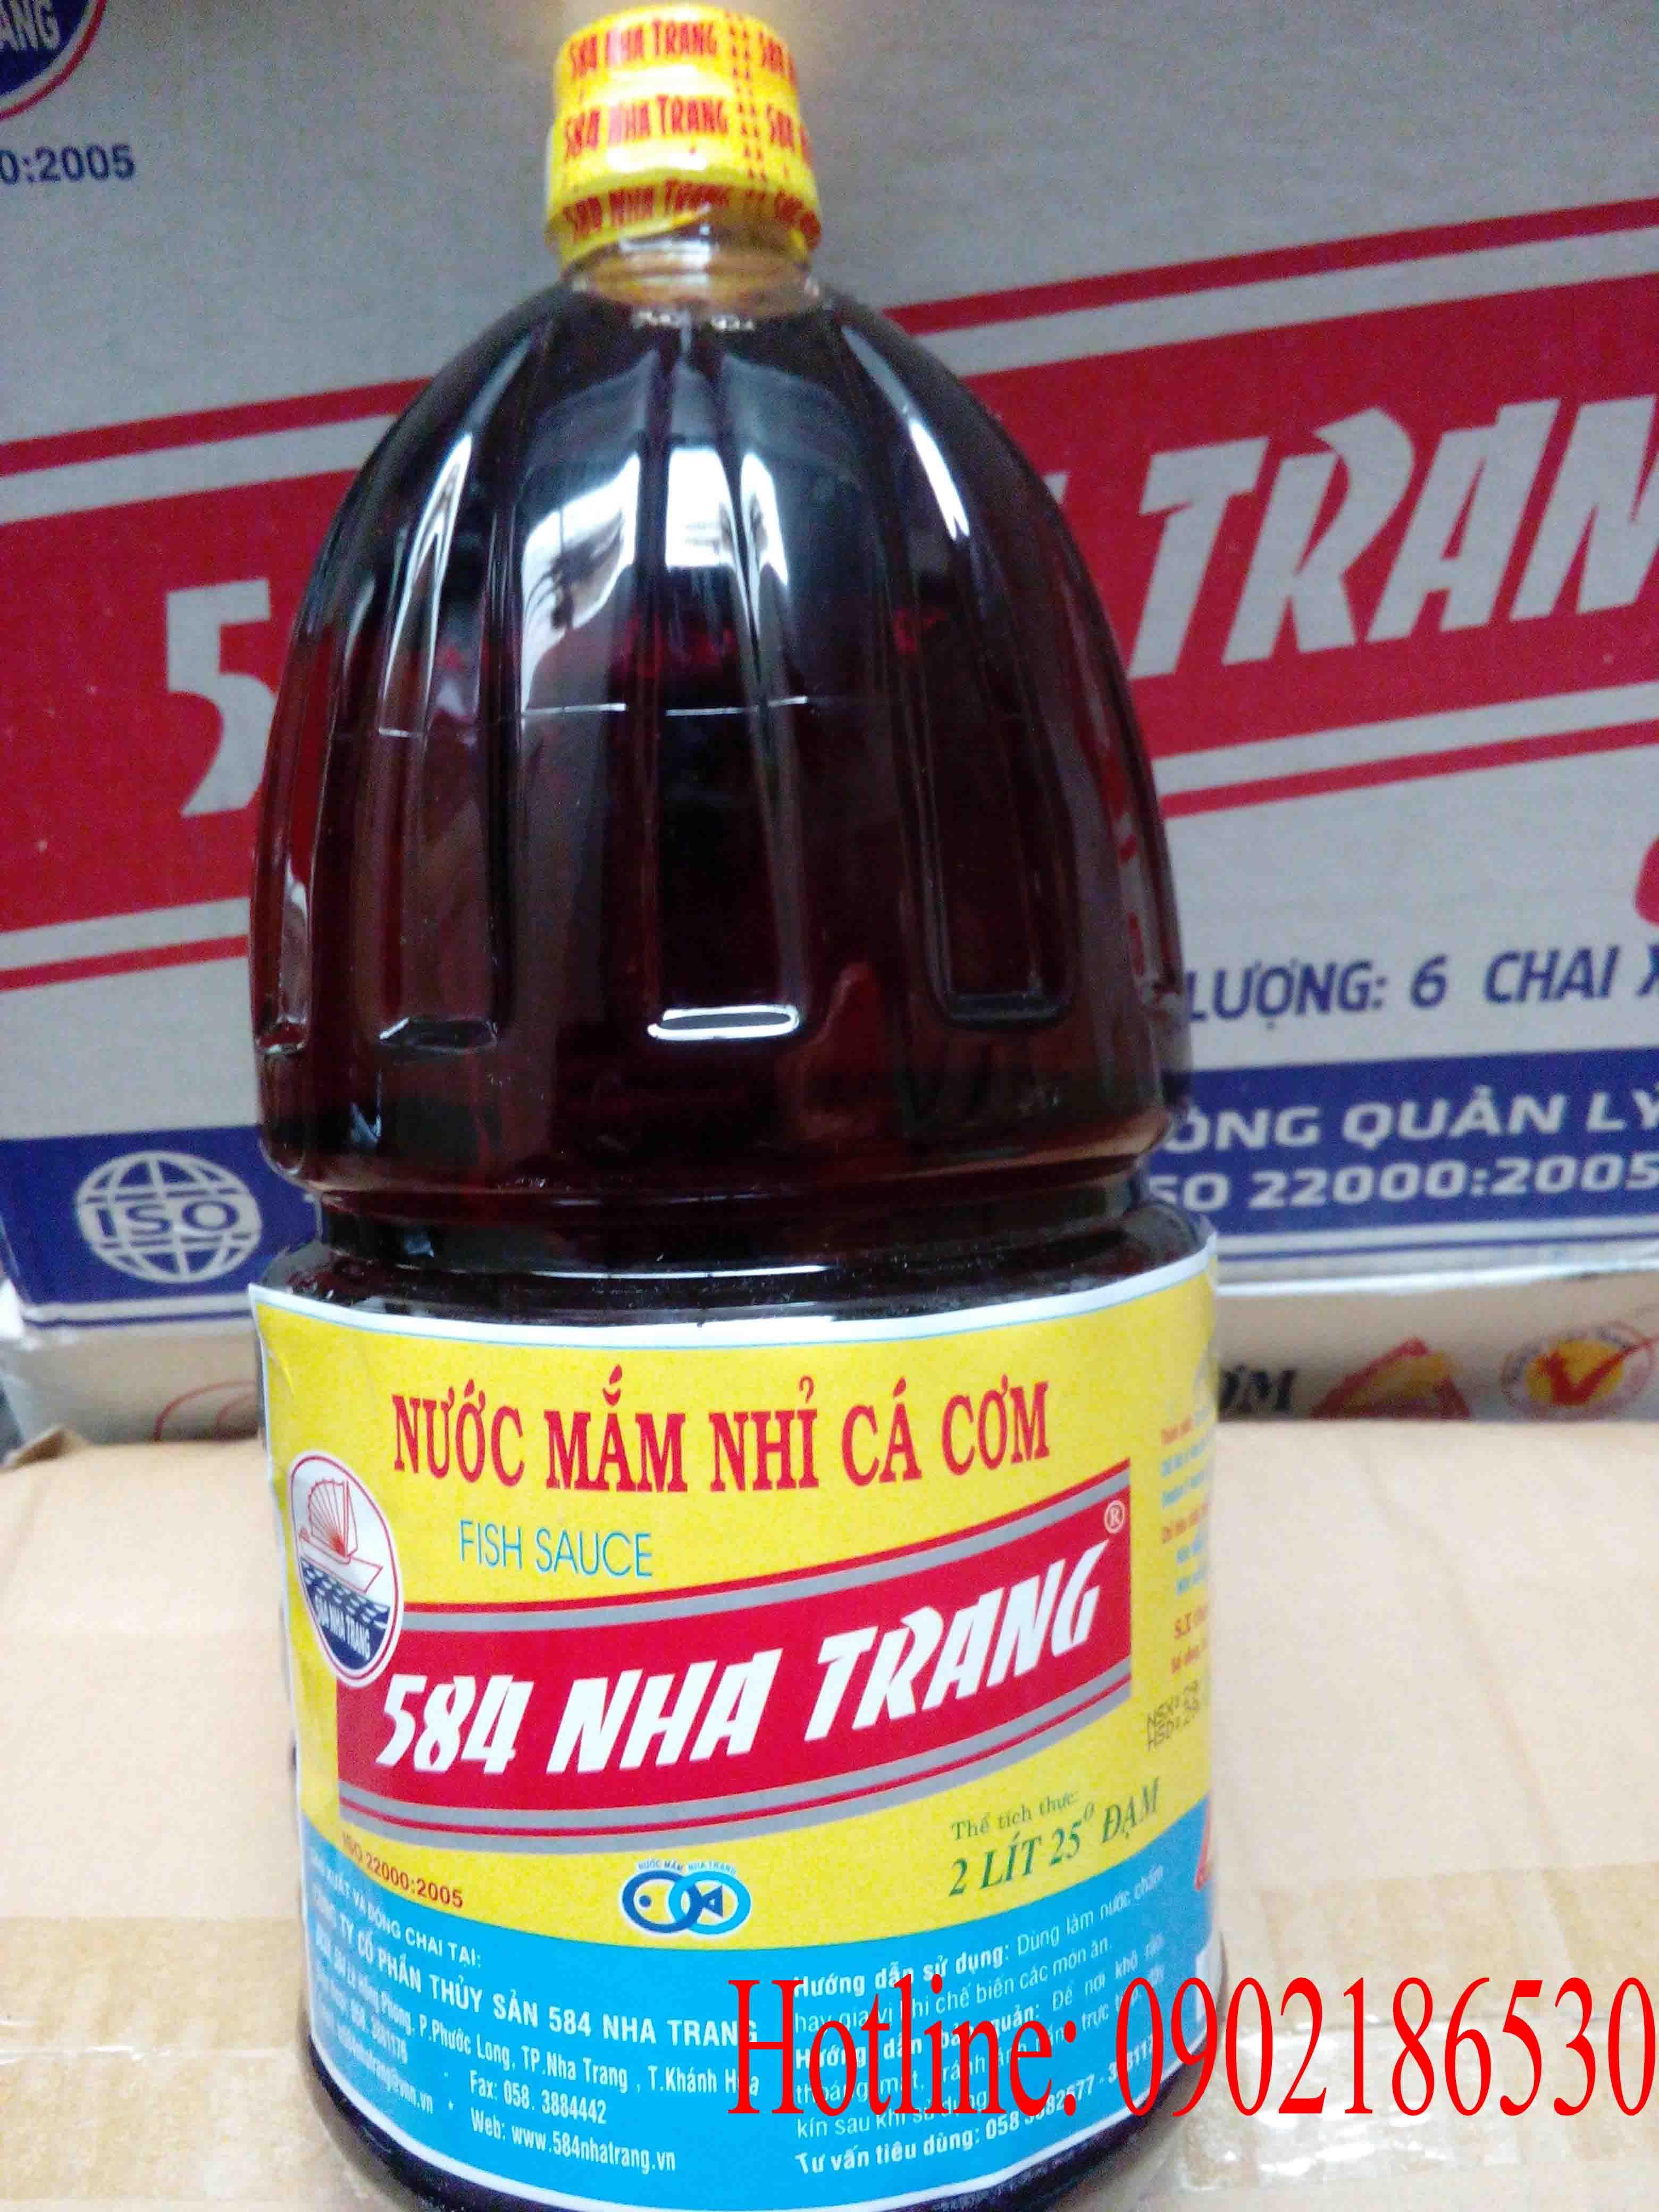 Nước mắm 584 Nha Trang P225 (2 lit 25 đạm)